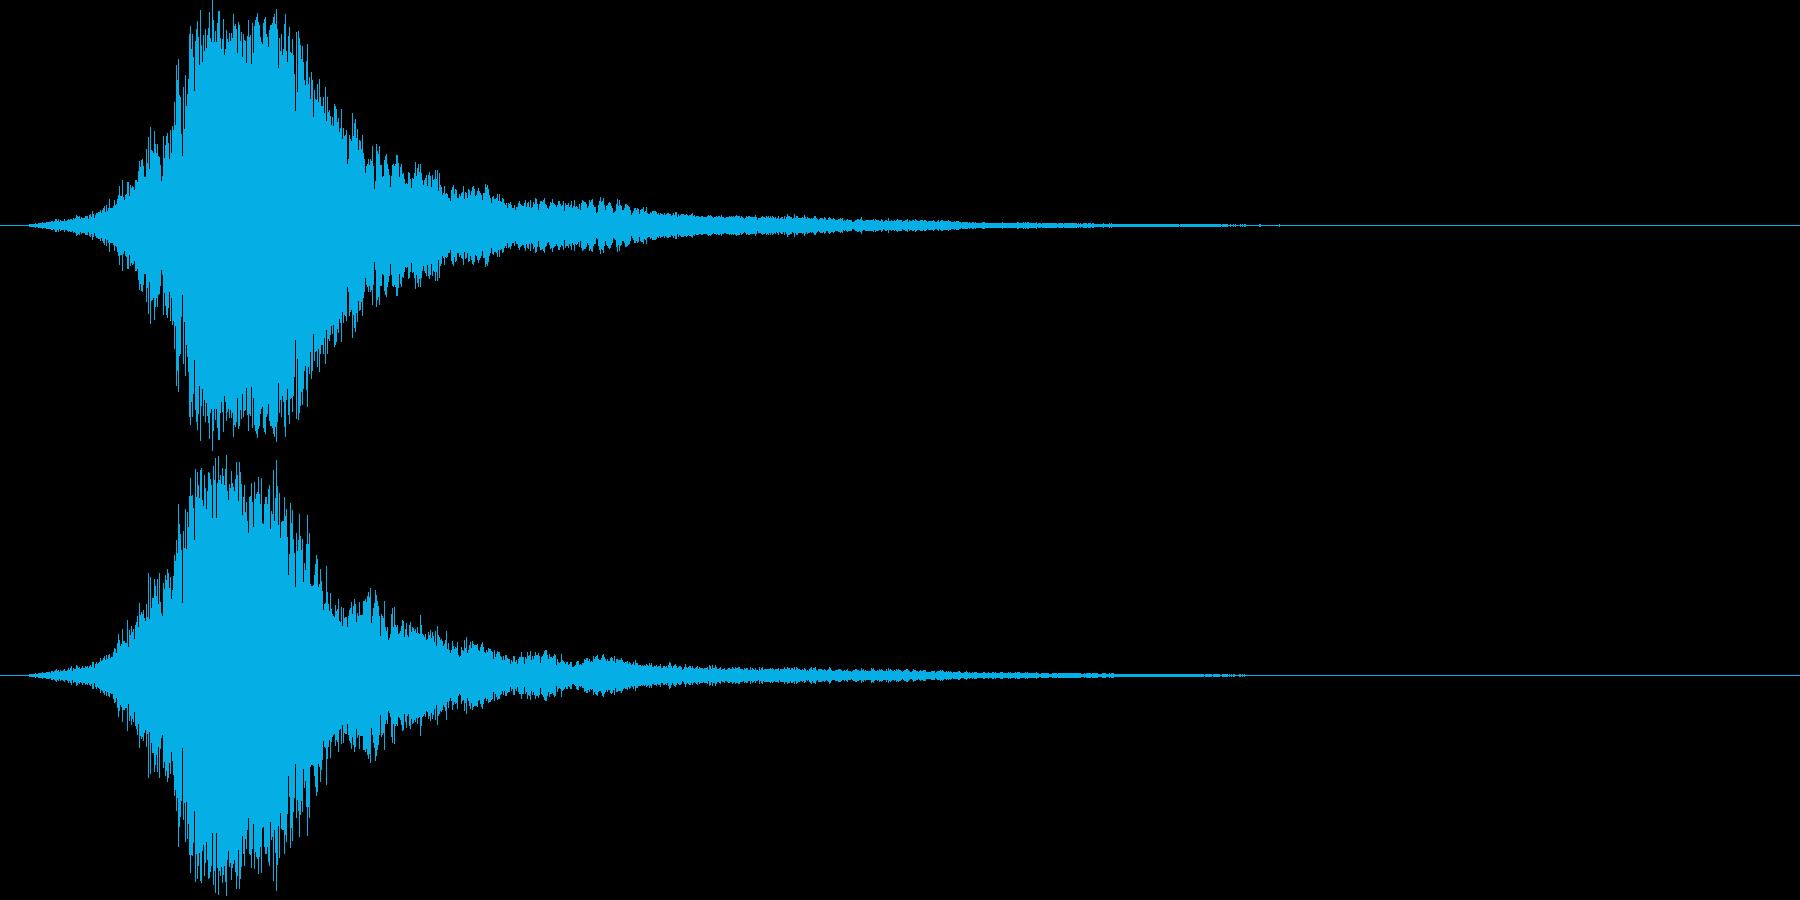 シャキーン 派手なインパクト音4の再生済みの波形